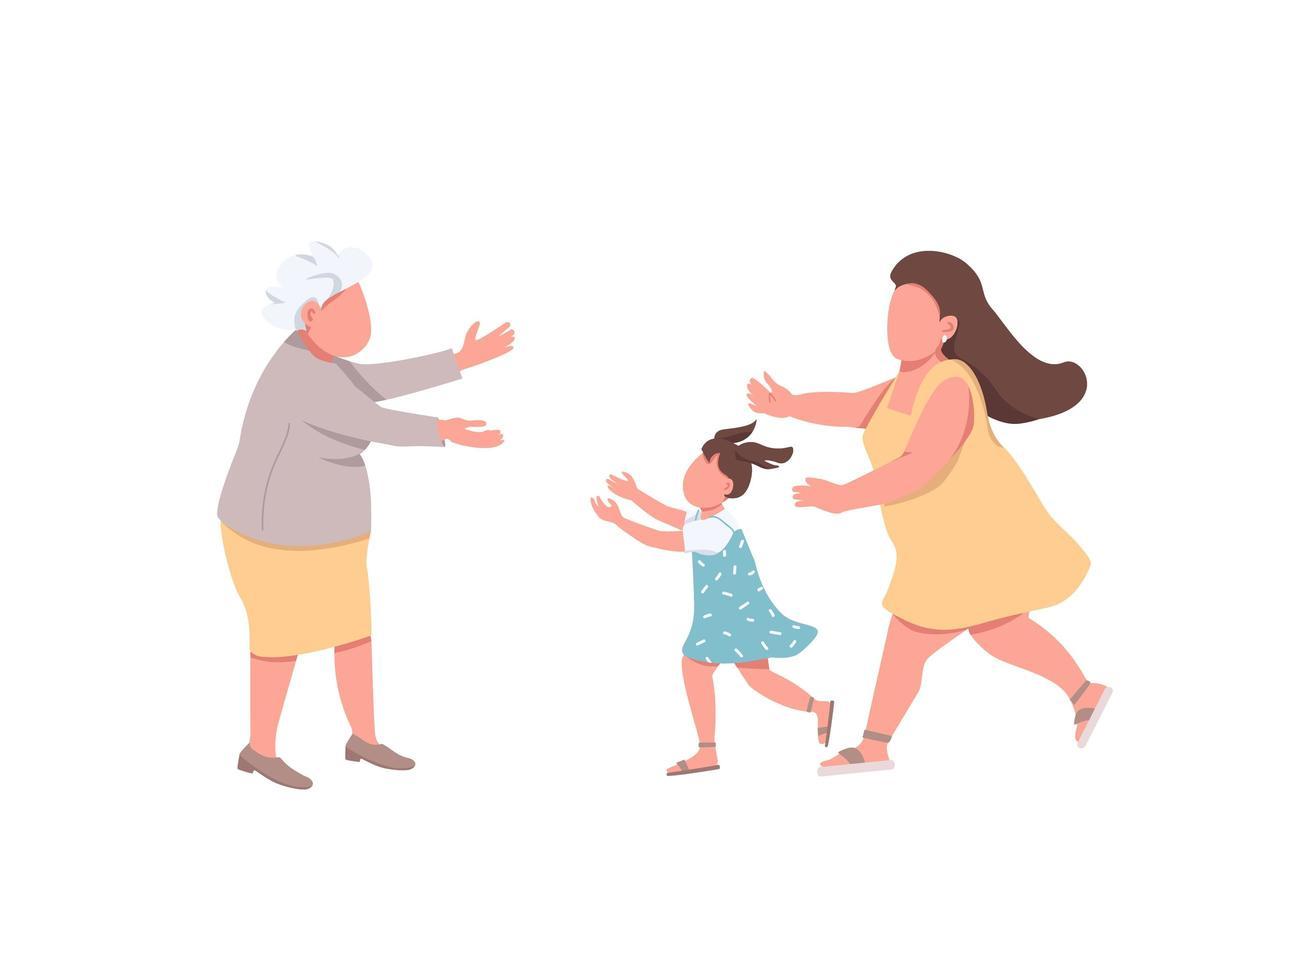 grootmoeder welkom familieleden vector